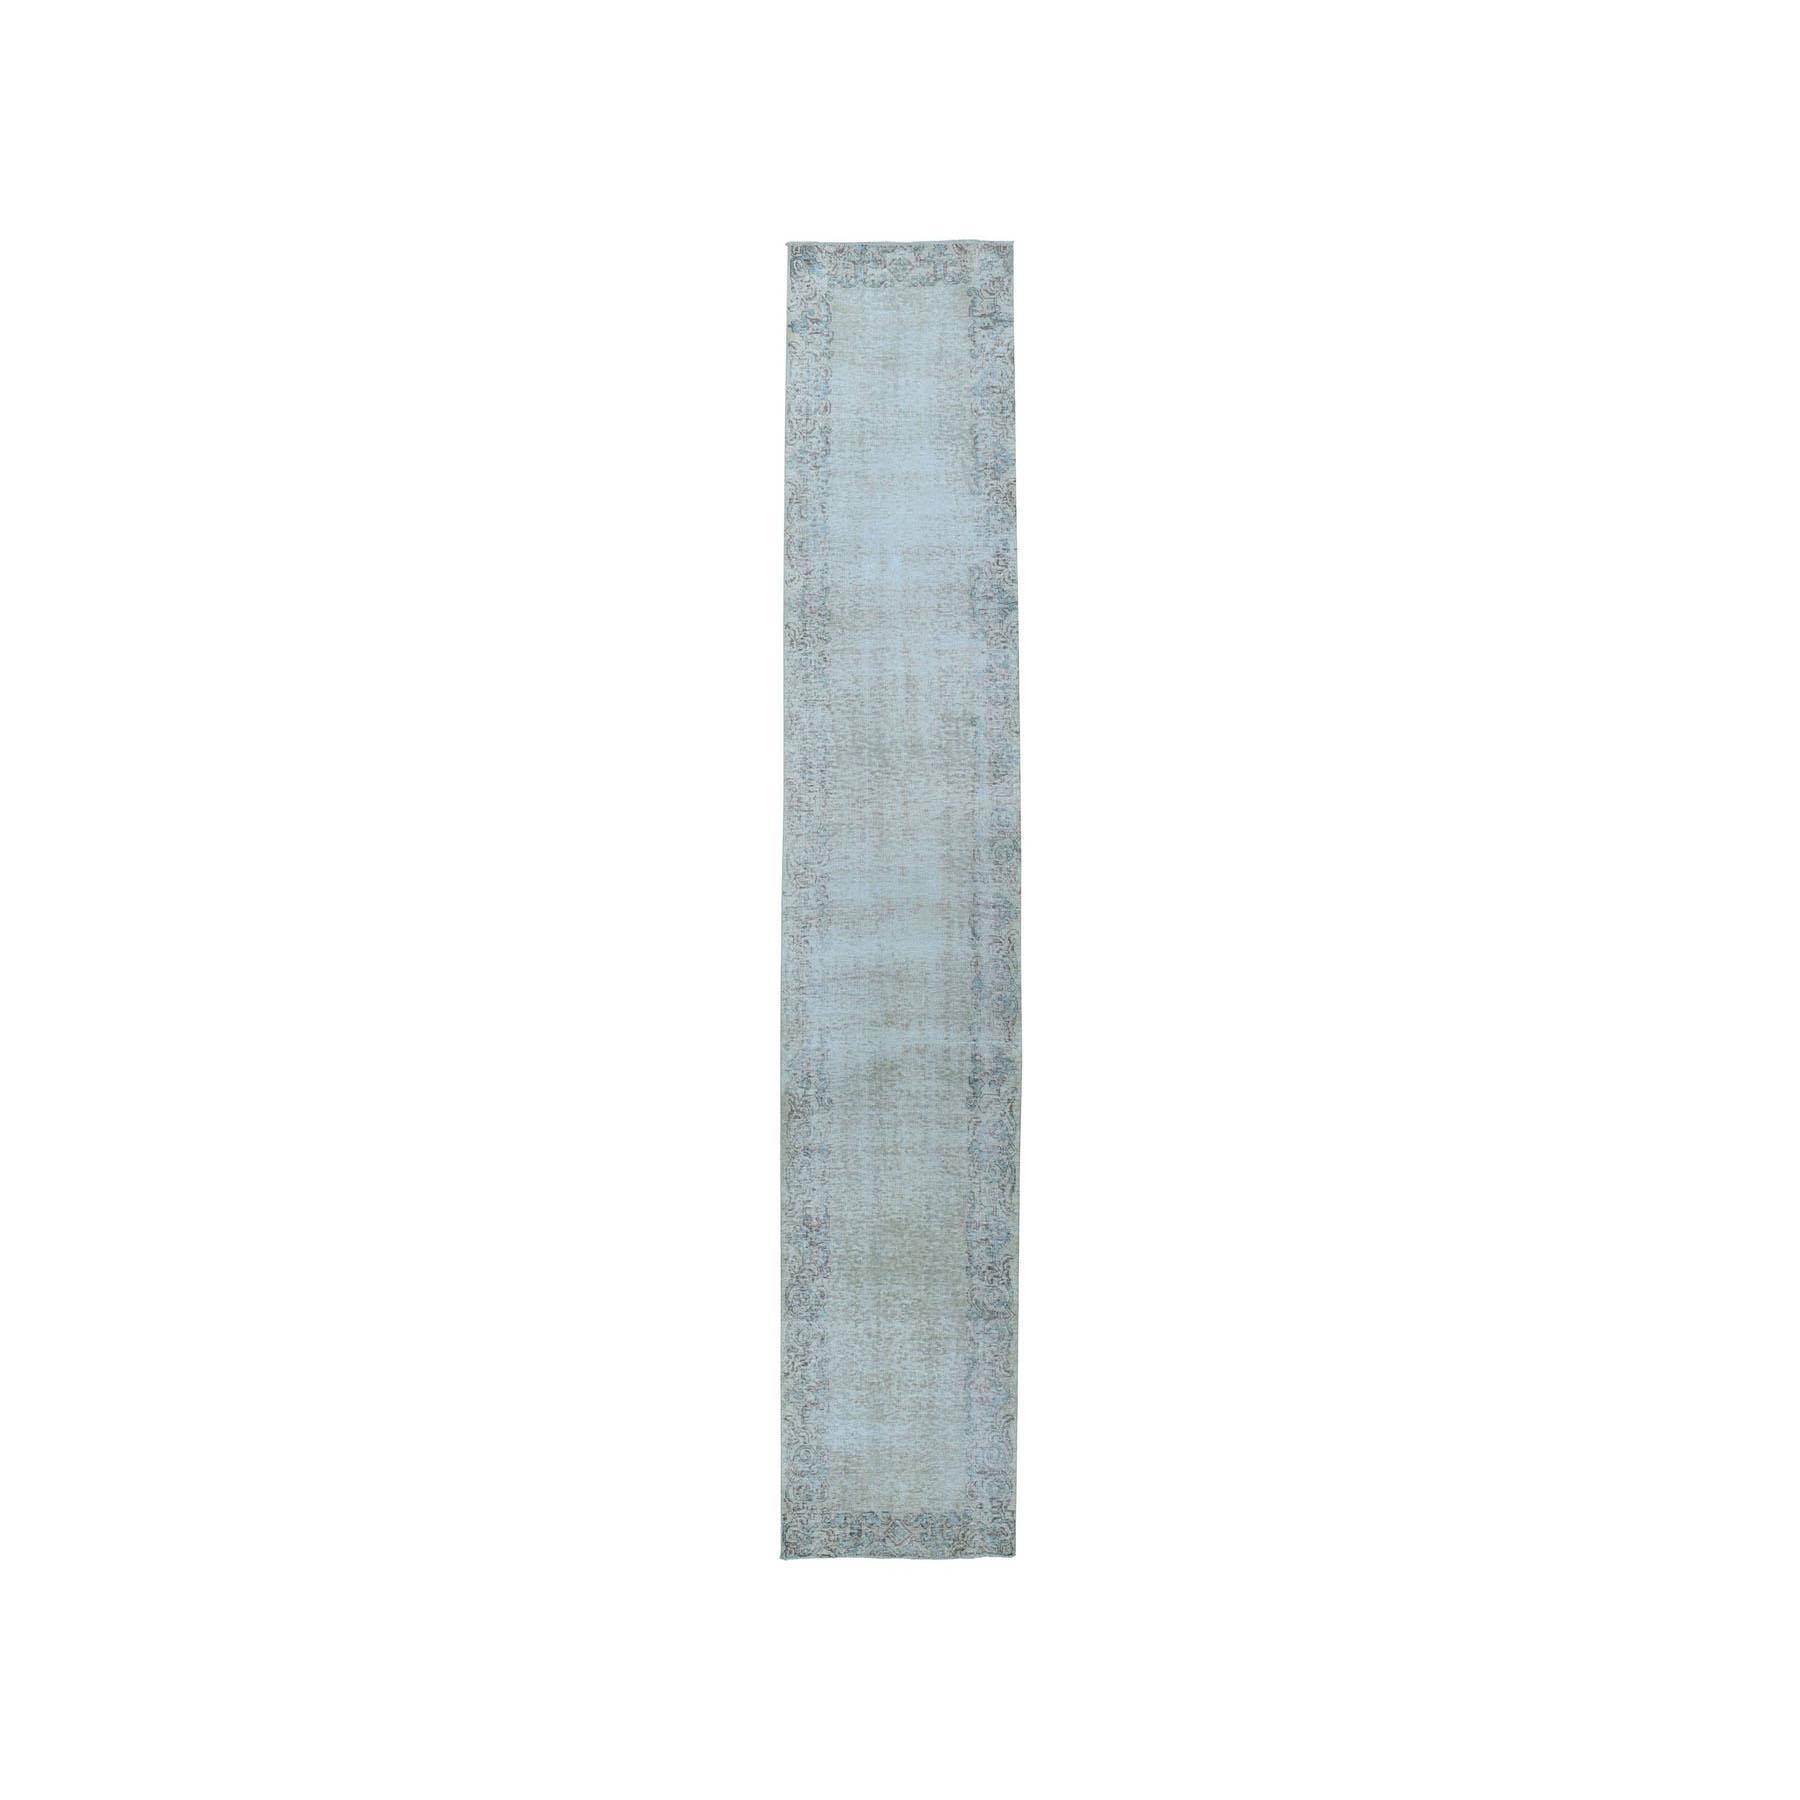 """2'7""""X12'4"""" Vintage White Wash Tabriz Worn Wool Runner Hand-Knotted Oriental Rug moae07c0"""